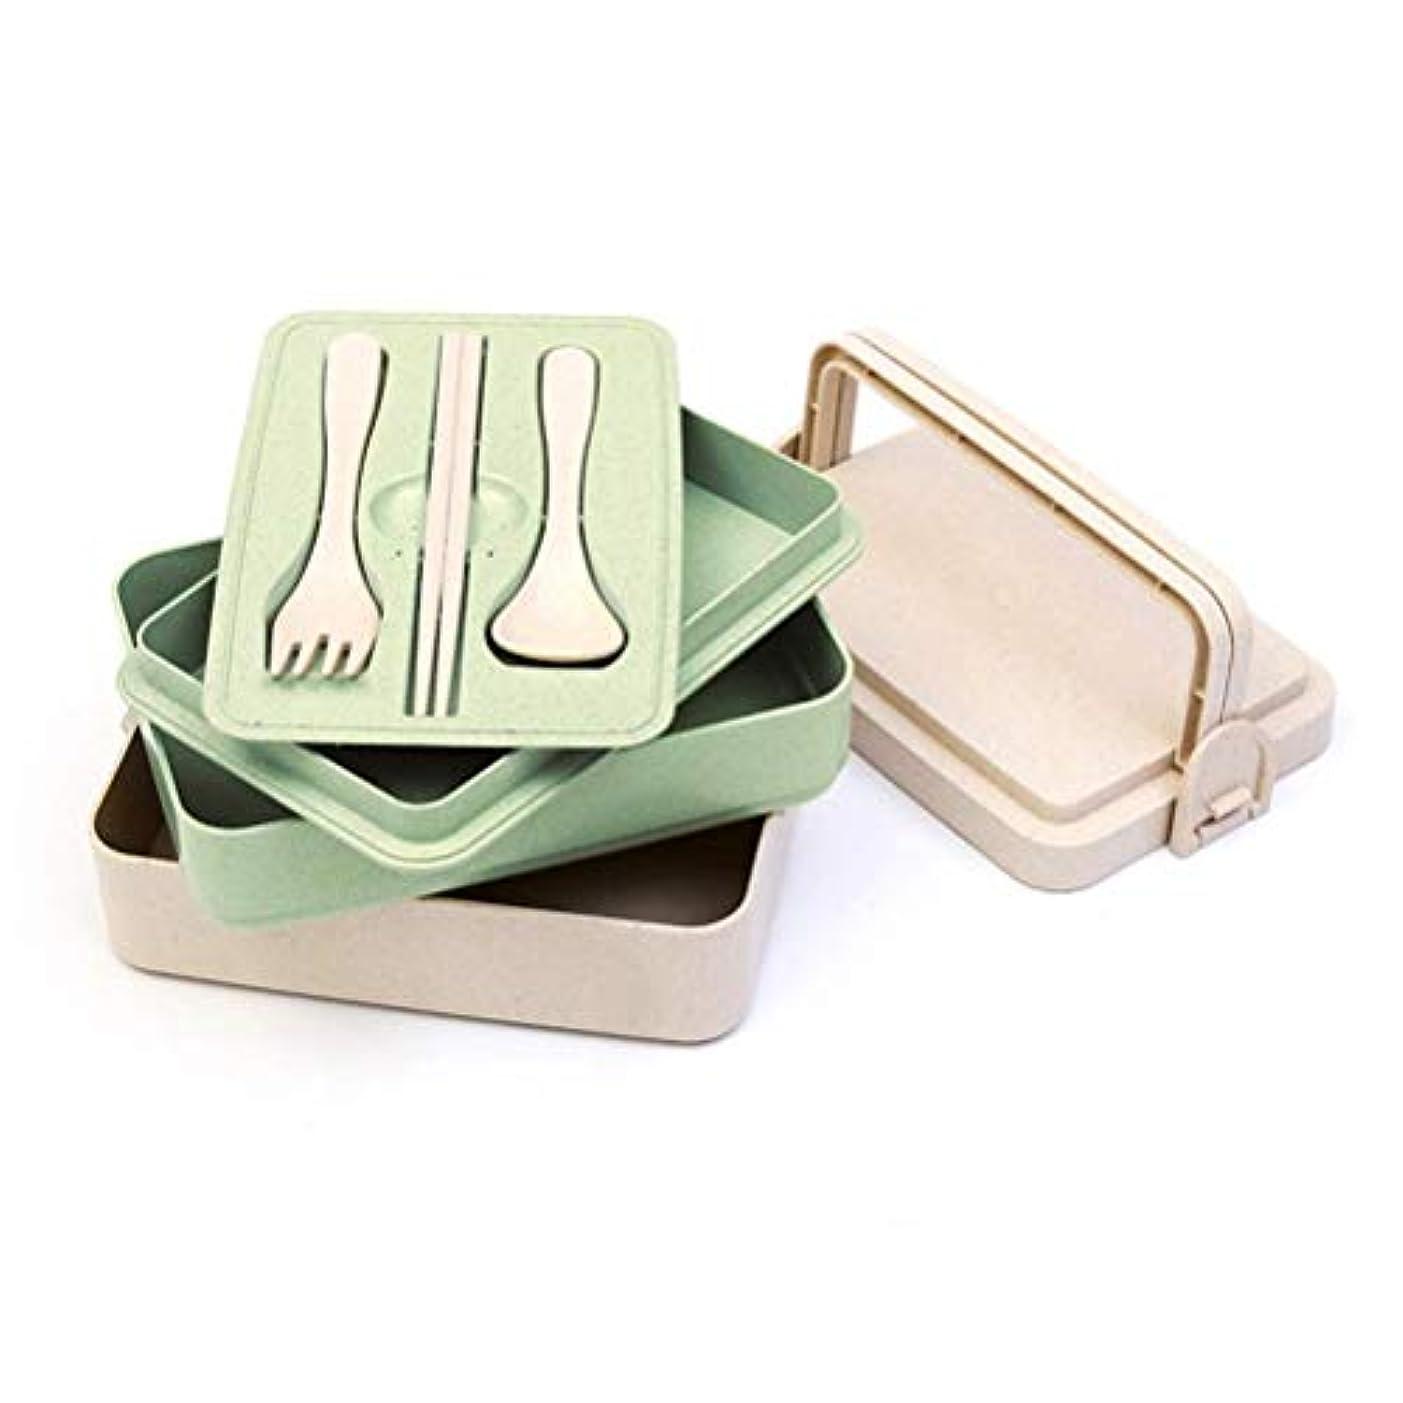 シットコム彫刻家ポジションFOOD 3ピースカトラリーセット付き2コンパートメントハーメチックランチボックス - 安い、ディスカウント価格大人と子供に最適電子レンジと食器洗い機丈夫で健康的なデザイン